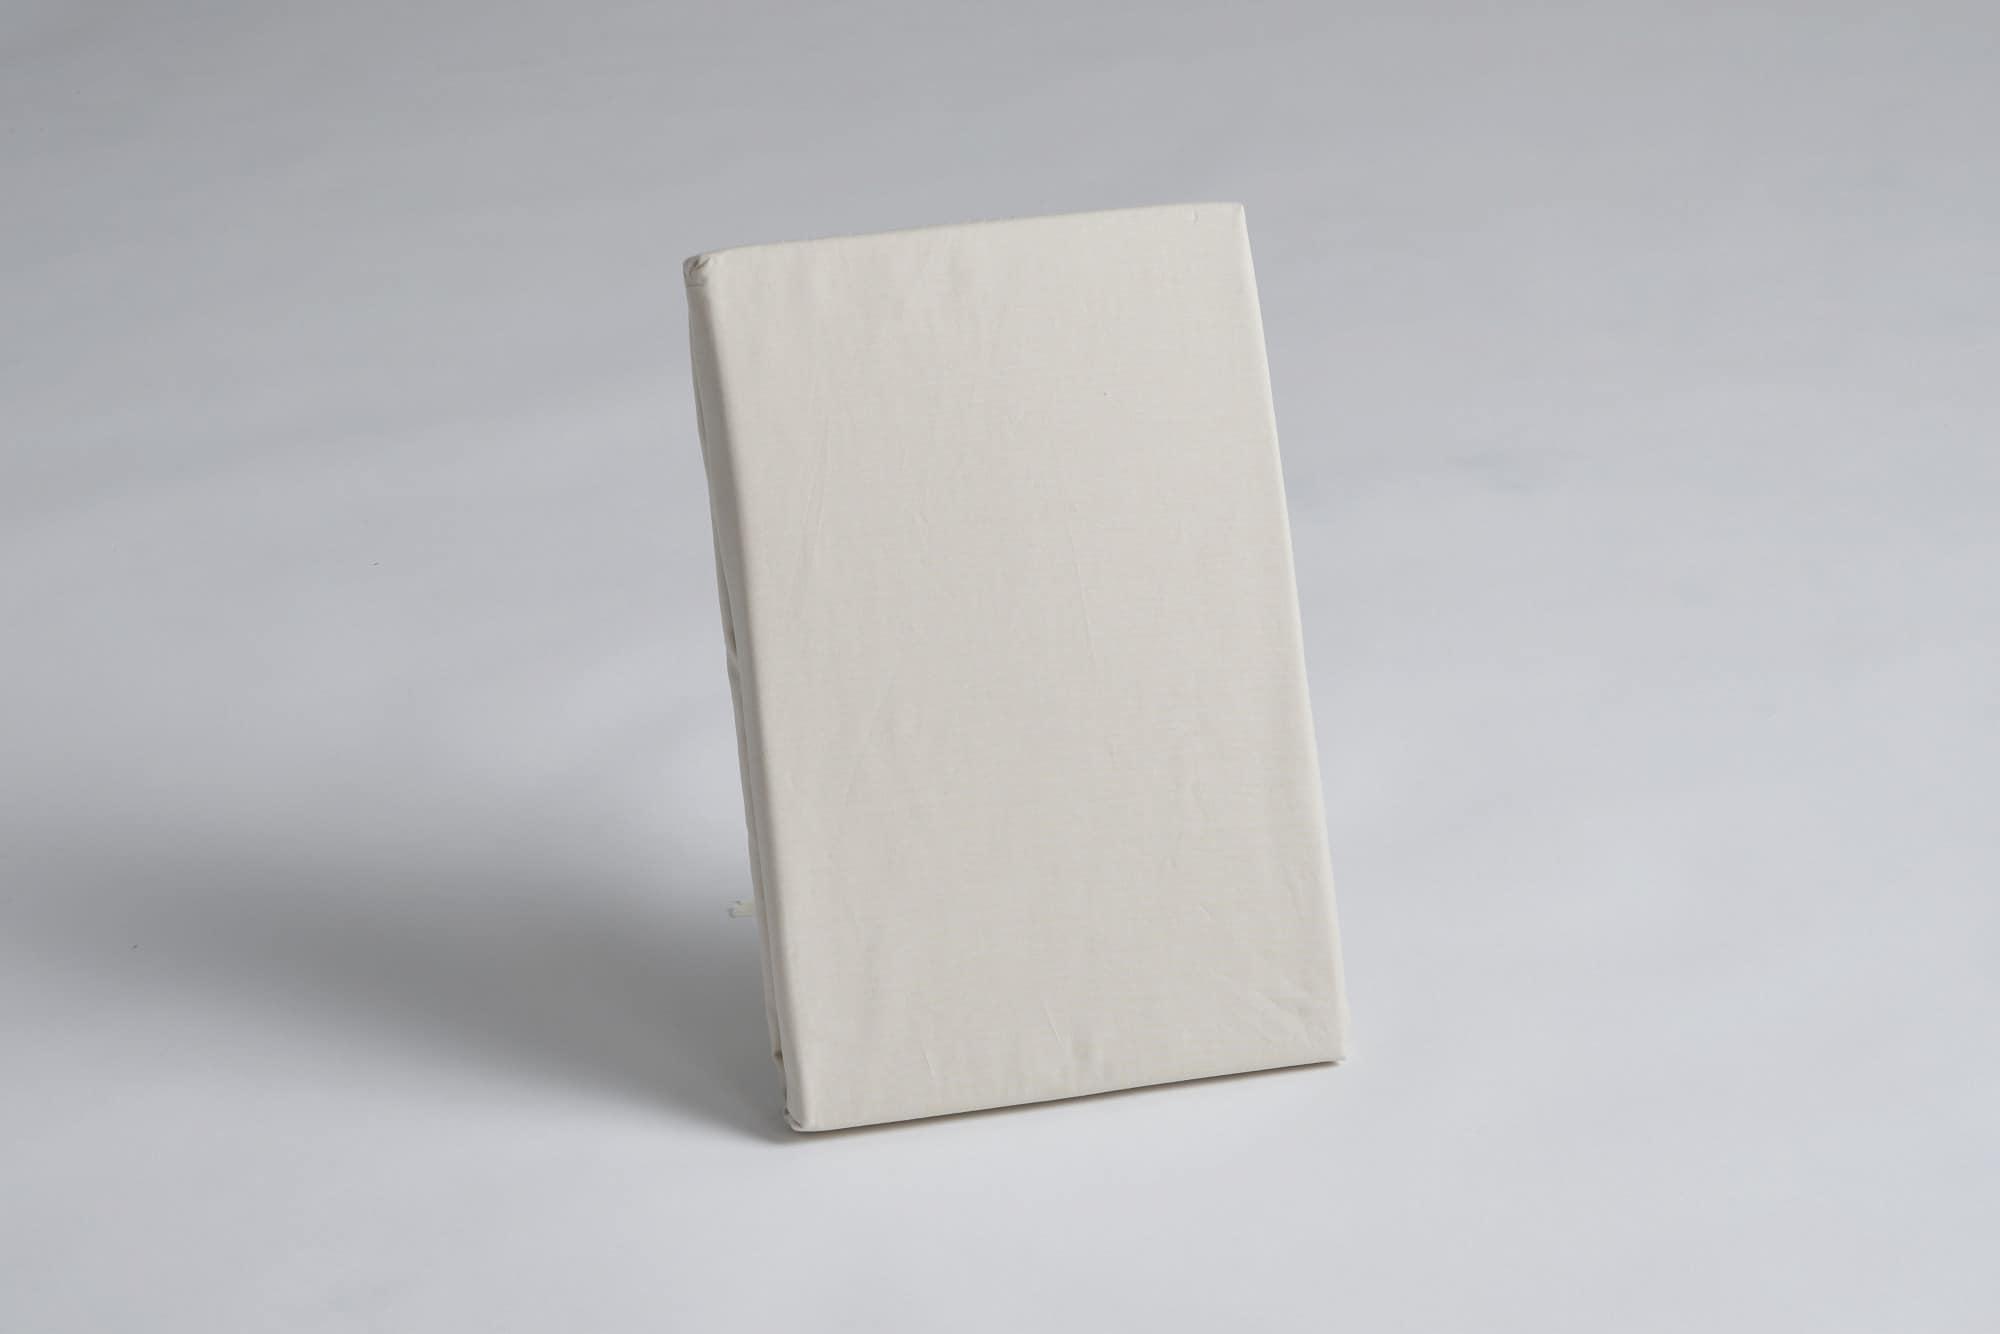 ボックスシーツ クイーン1用 45H ナチュラル:《綿100%を使用したボックスシーツ》